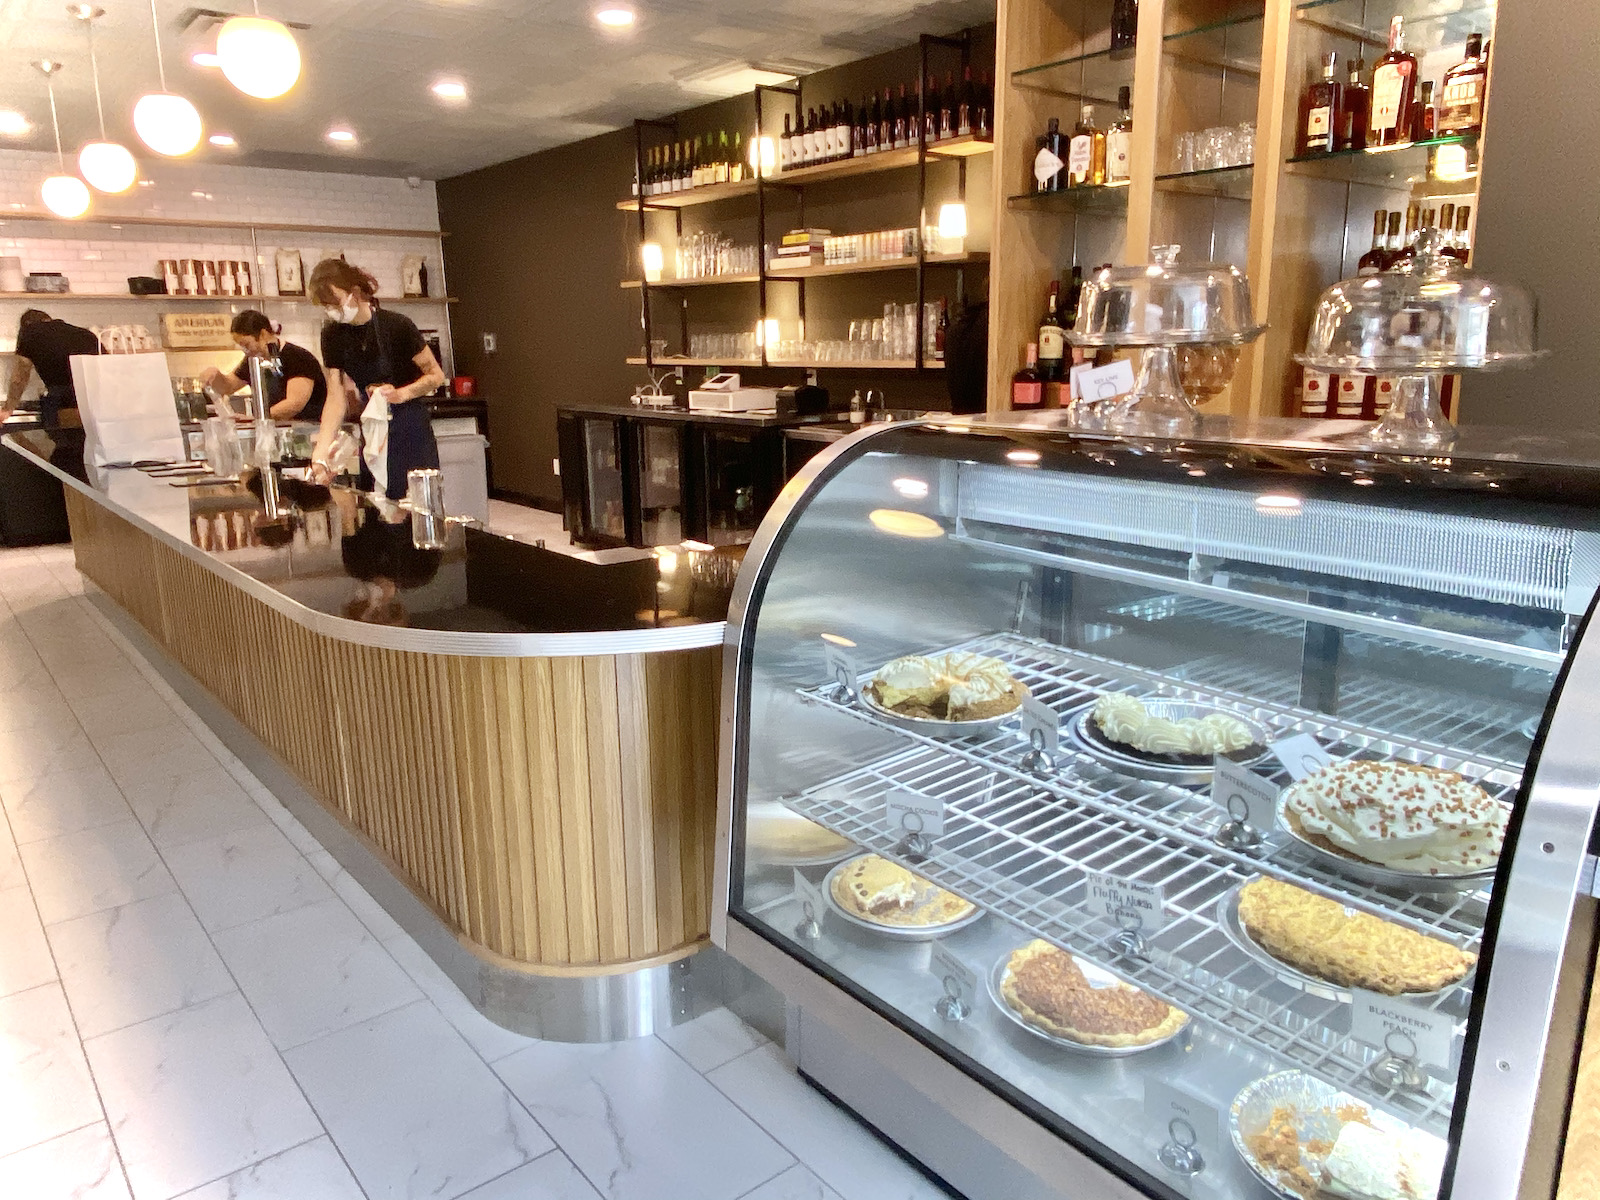 Honeypie Cafe bar and pie case